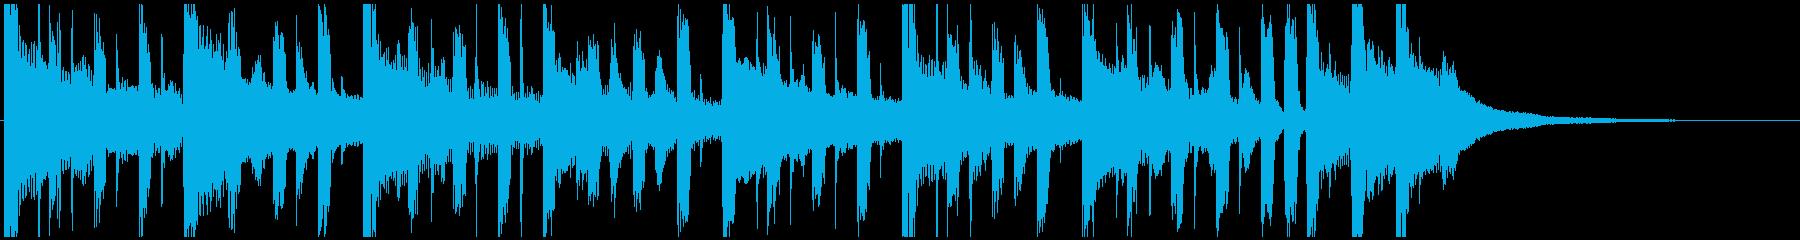 ガイダンス・オリエンテーションジングルの再生済みの波形